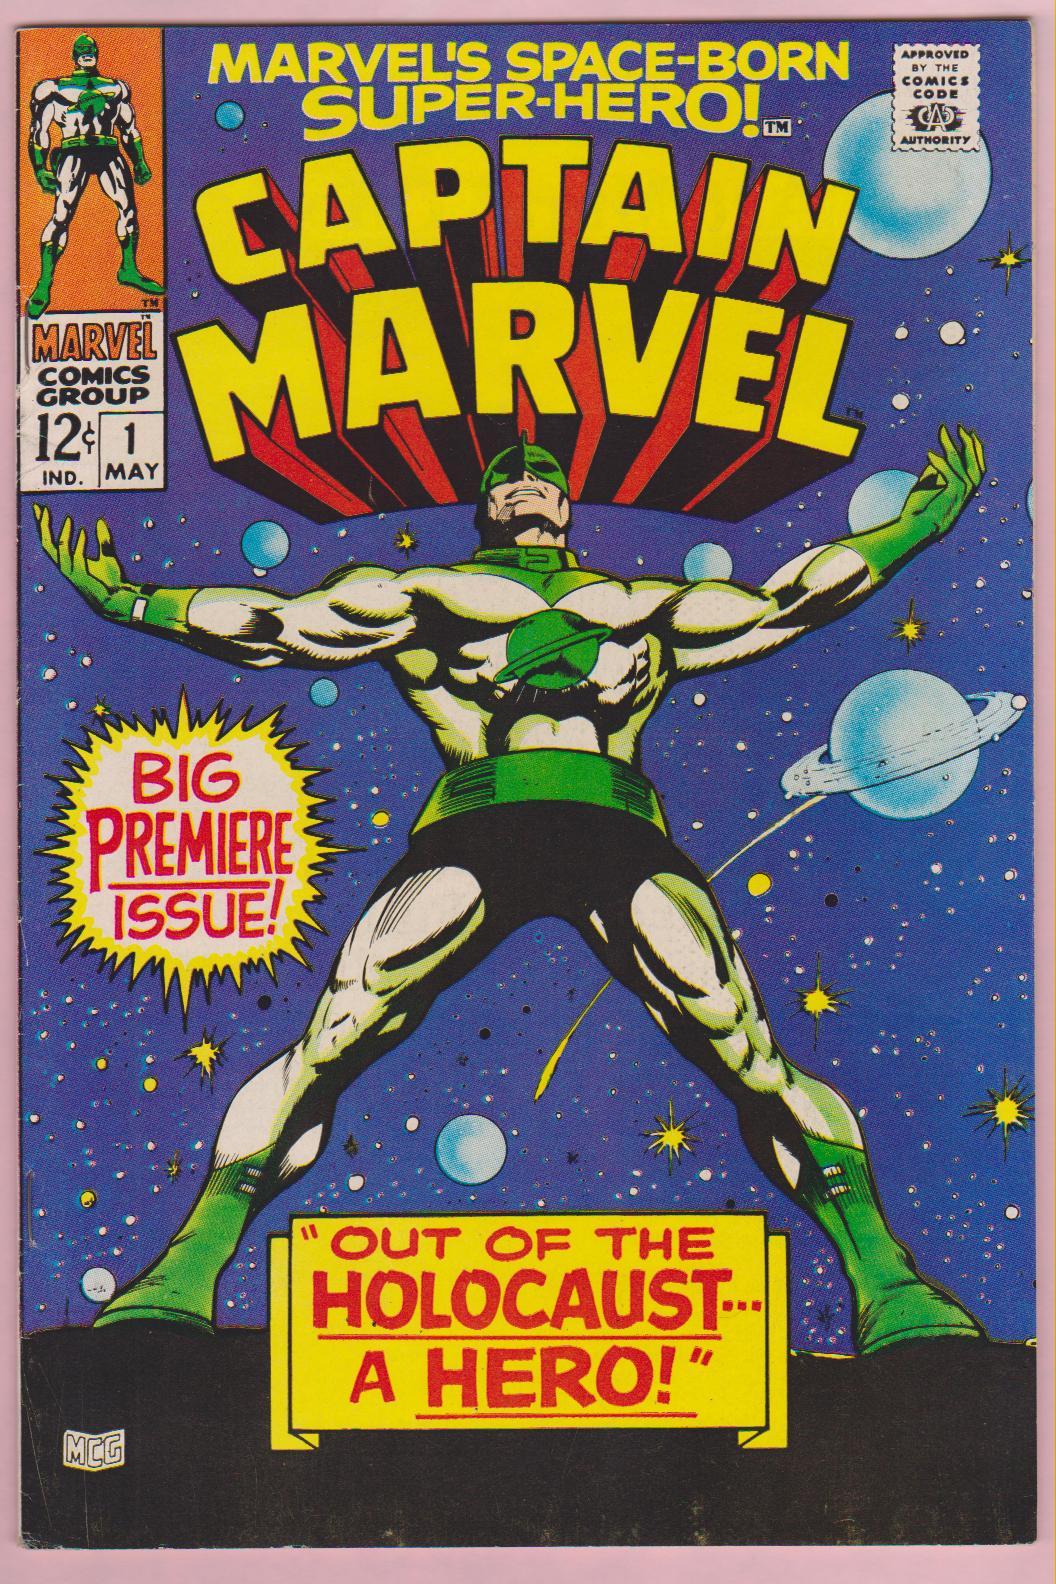 Marvel comics for sale cheap at crazy eli 39 s discount comics Rogg discount